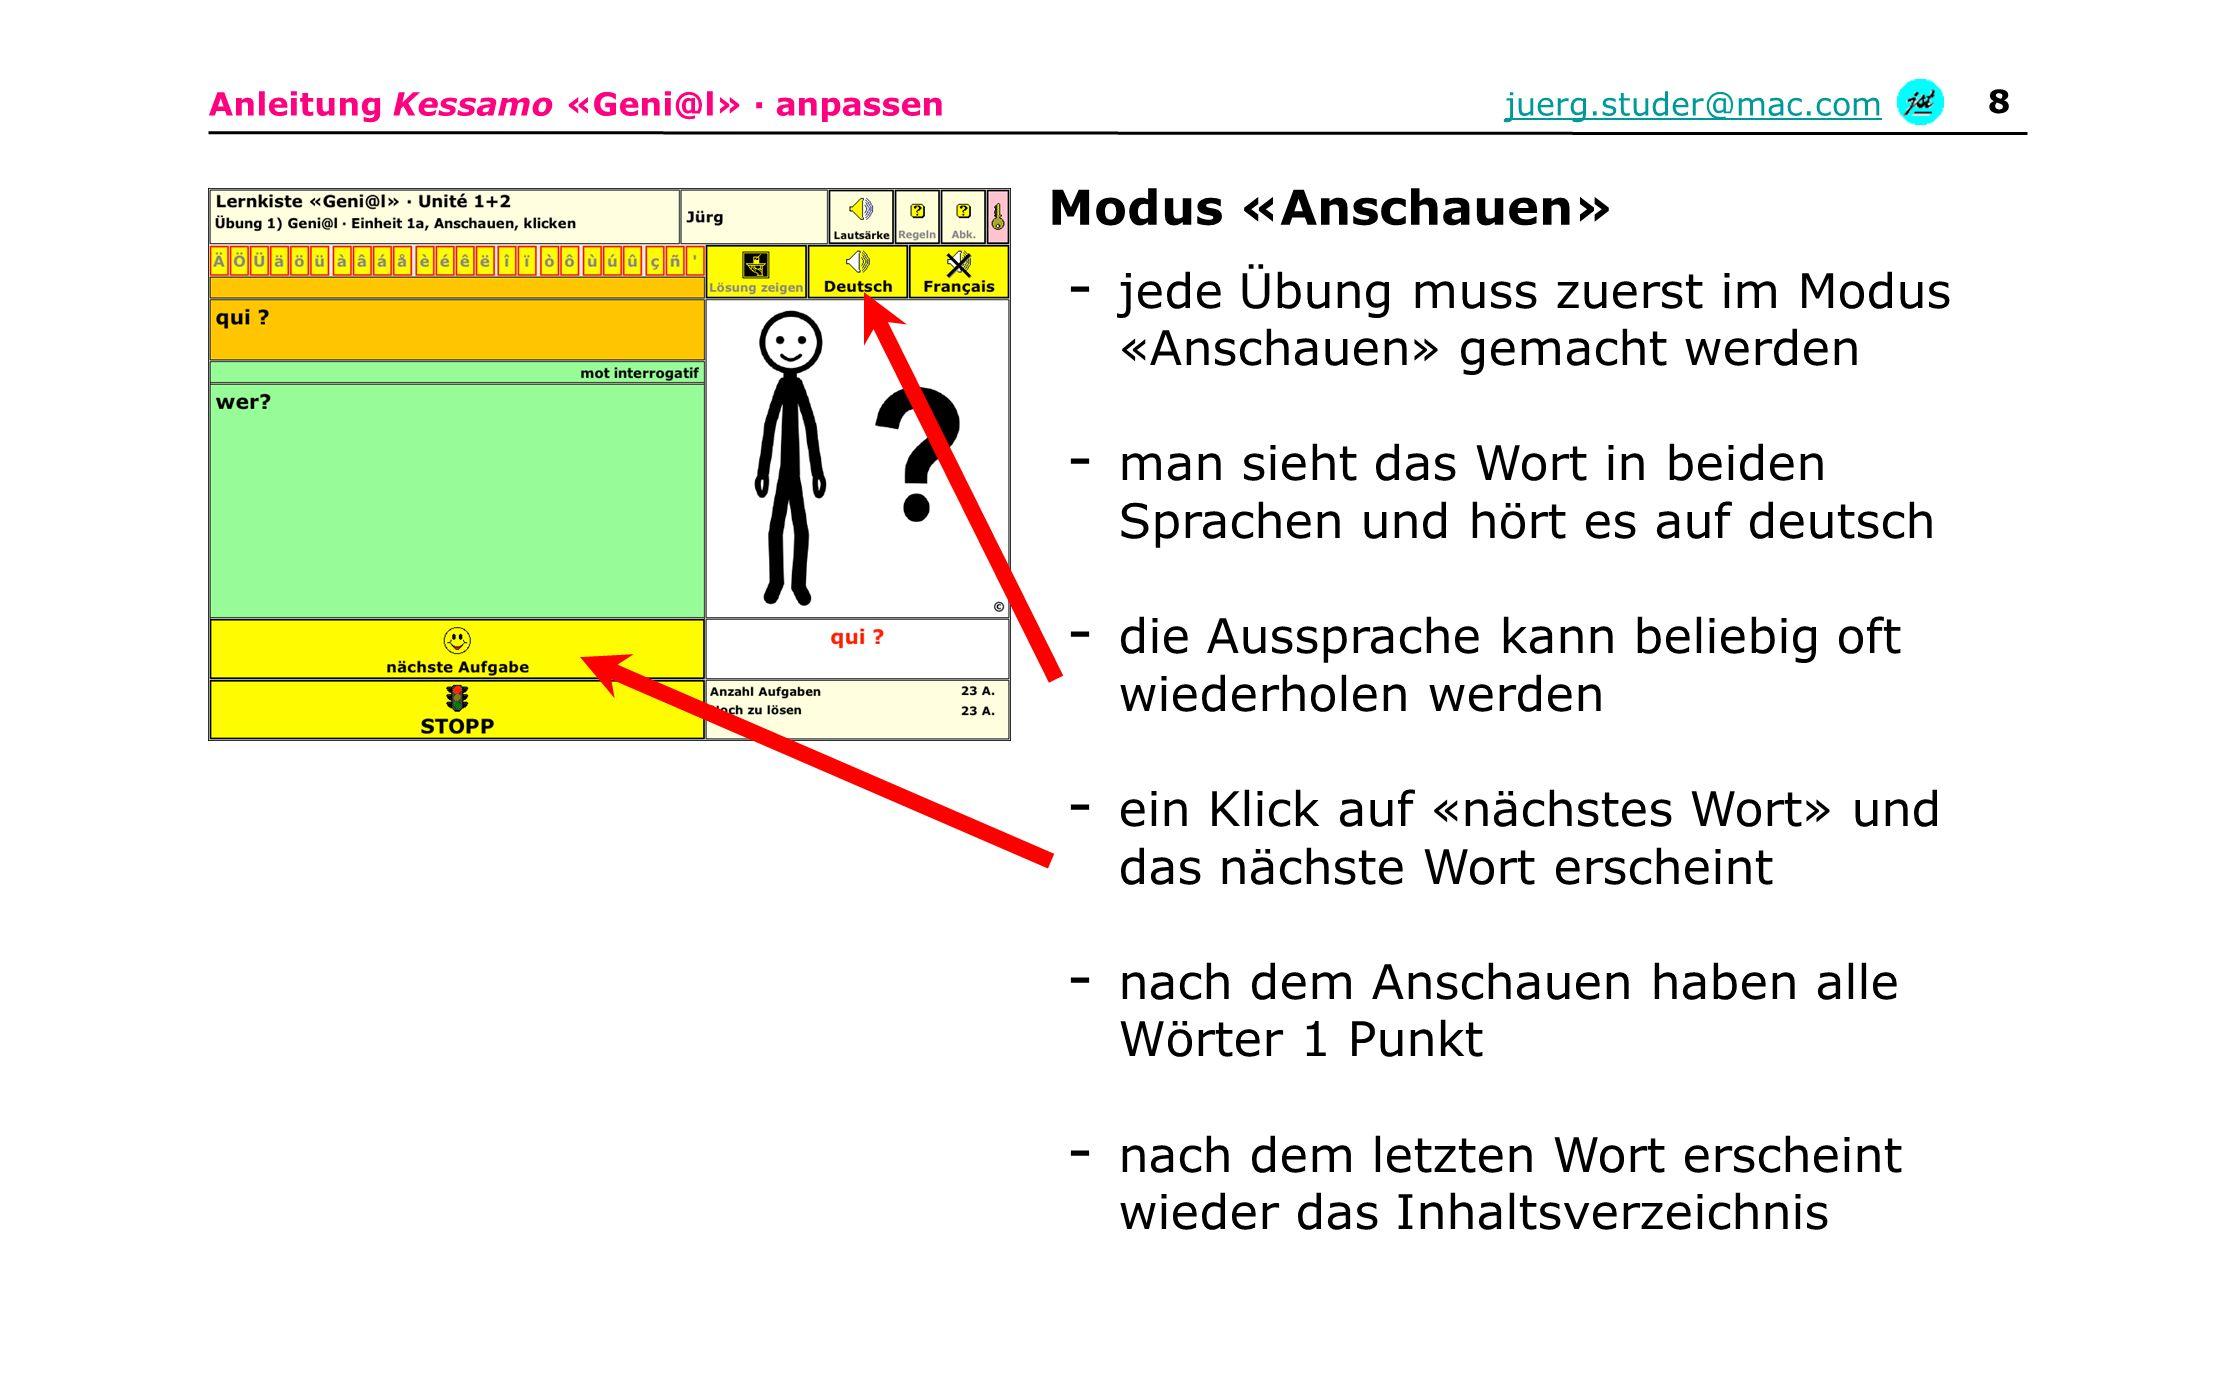 Modus «Anschauen» jede Übung muss zuerst im Modus «Anschauen» gemacht werden. man sieht das Wort in beiden Sprachen und hört es auf deutsch.